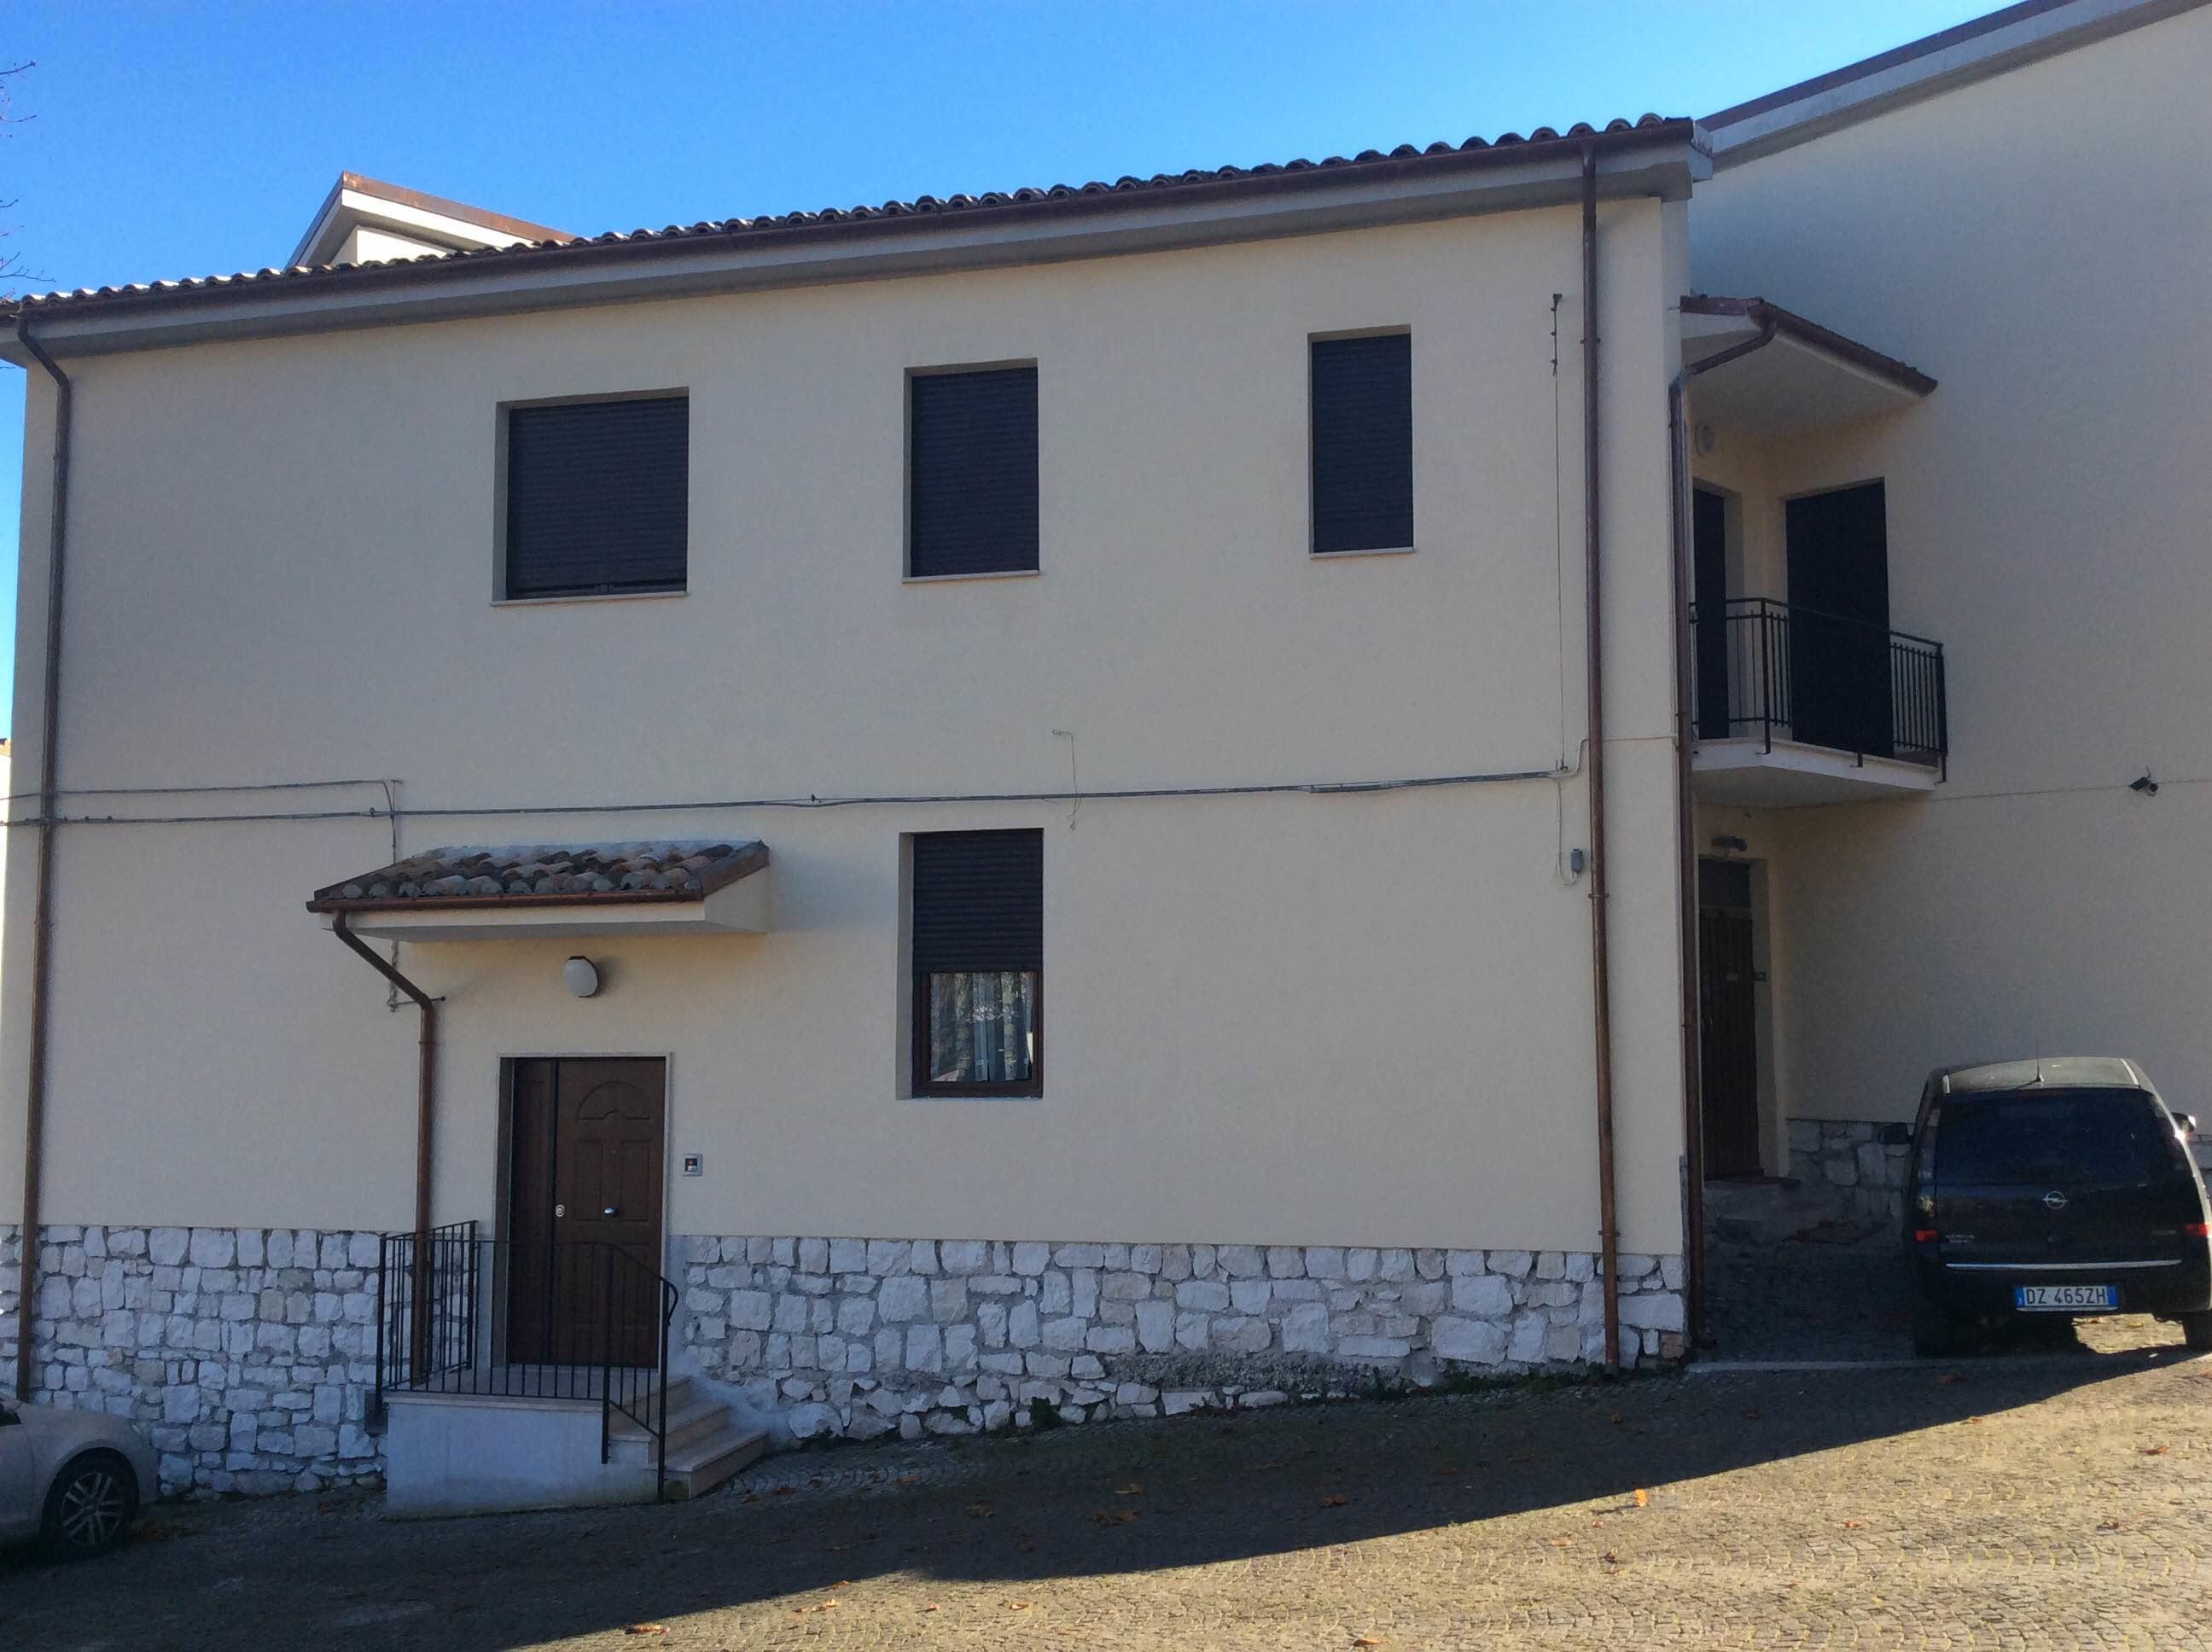 Una casa per pap separati in difficolt for Case con alloggi separati